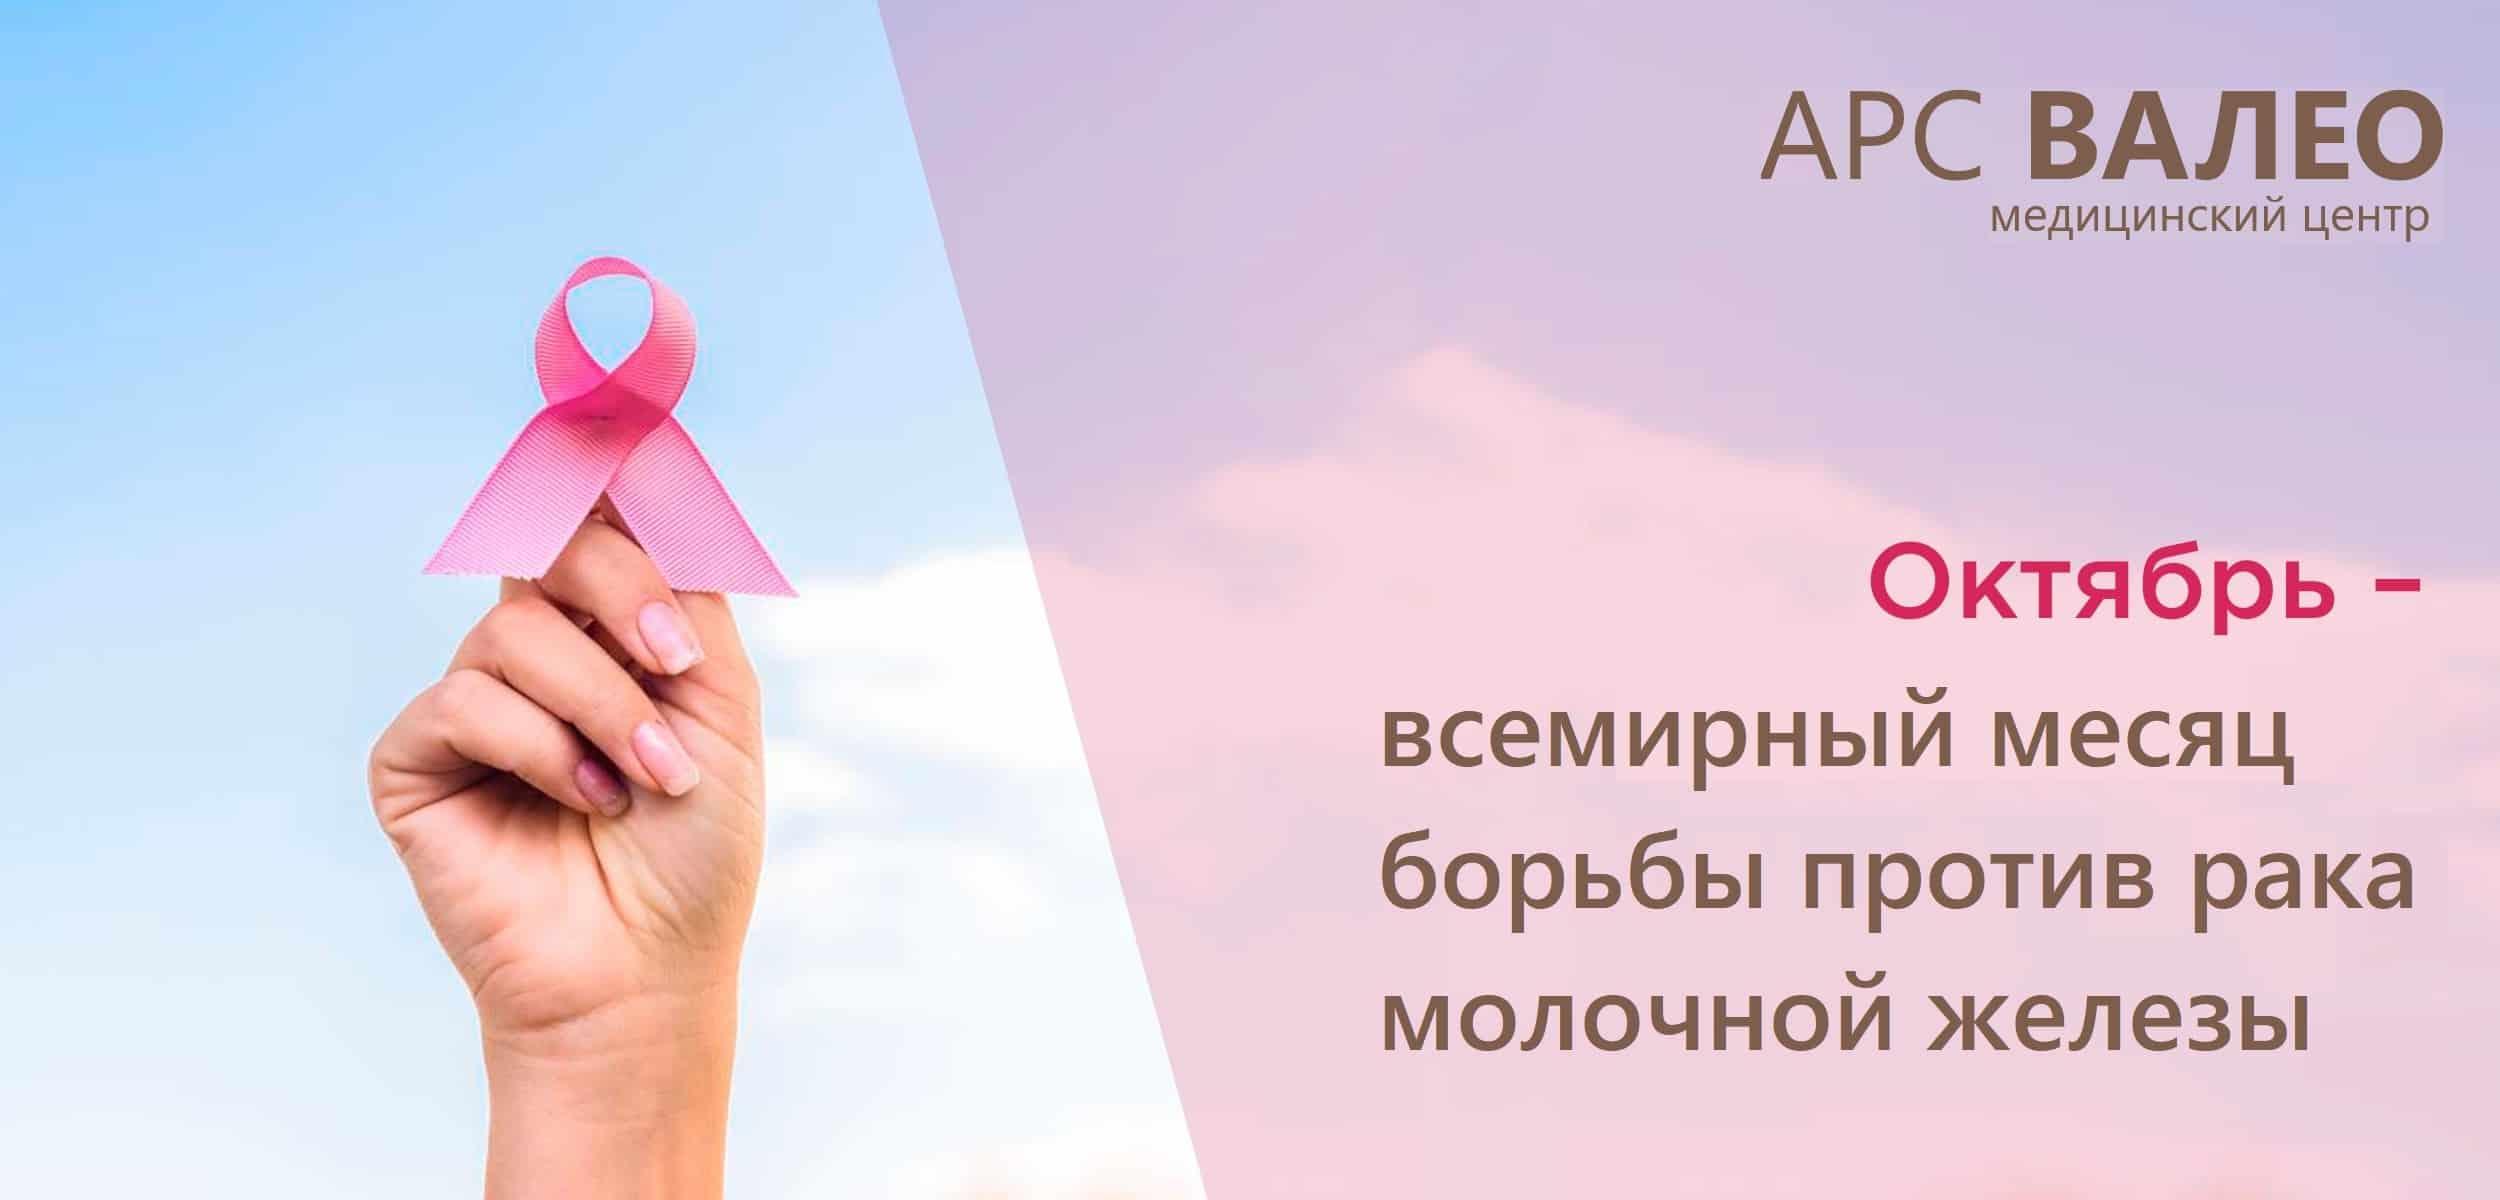 Октябрь – всемирный месяц борьбы против рака молочной железы